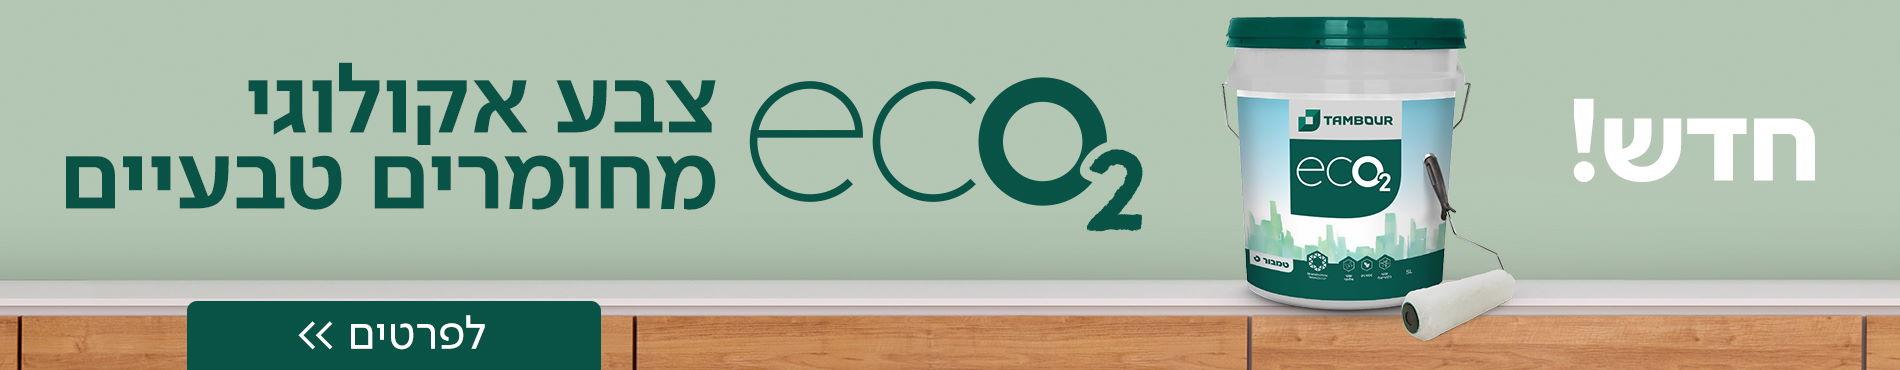 חדש! eco2 צבע אקולוגי מחומרים טבעיים